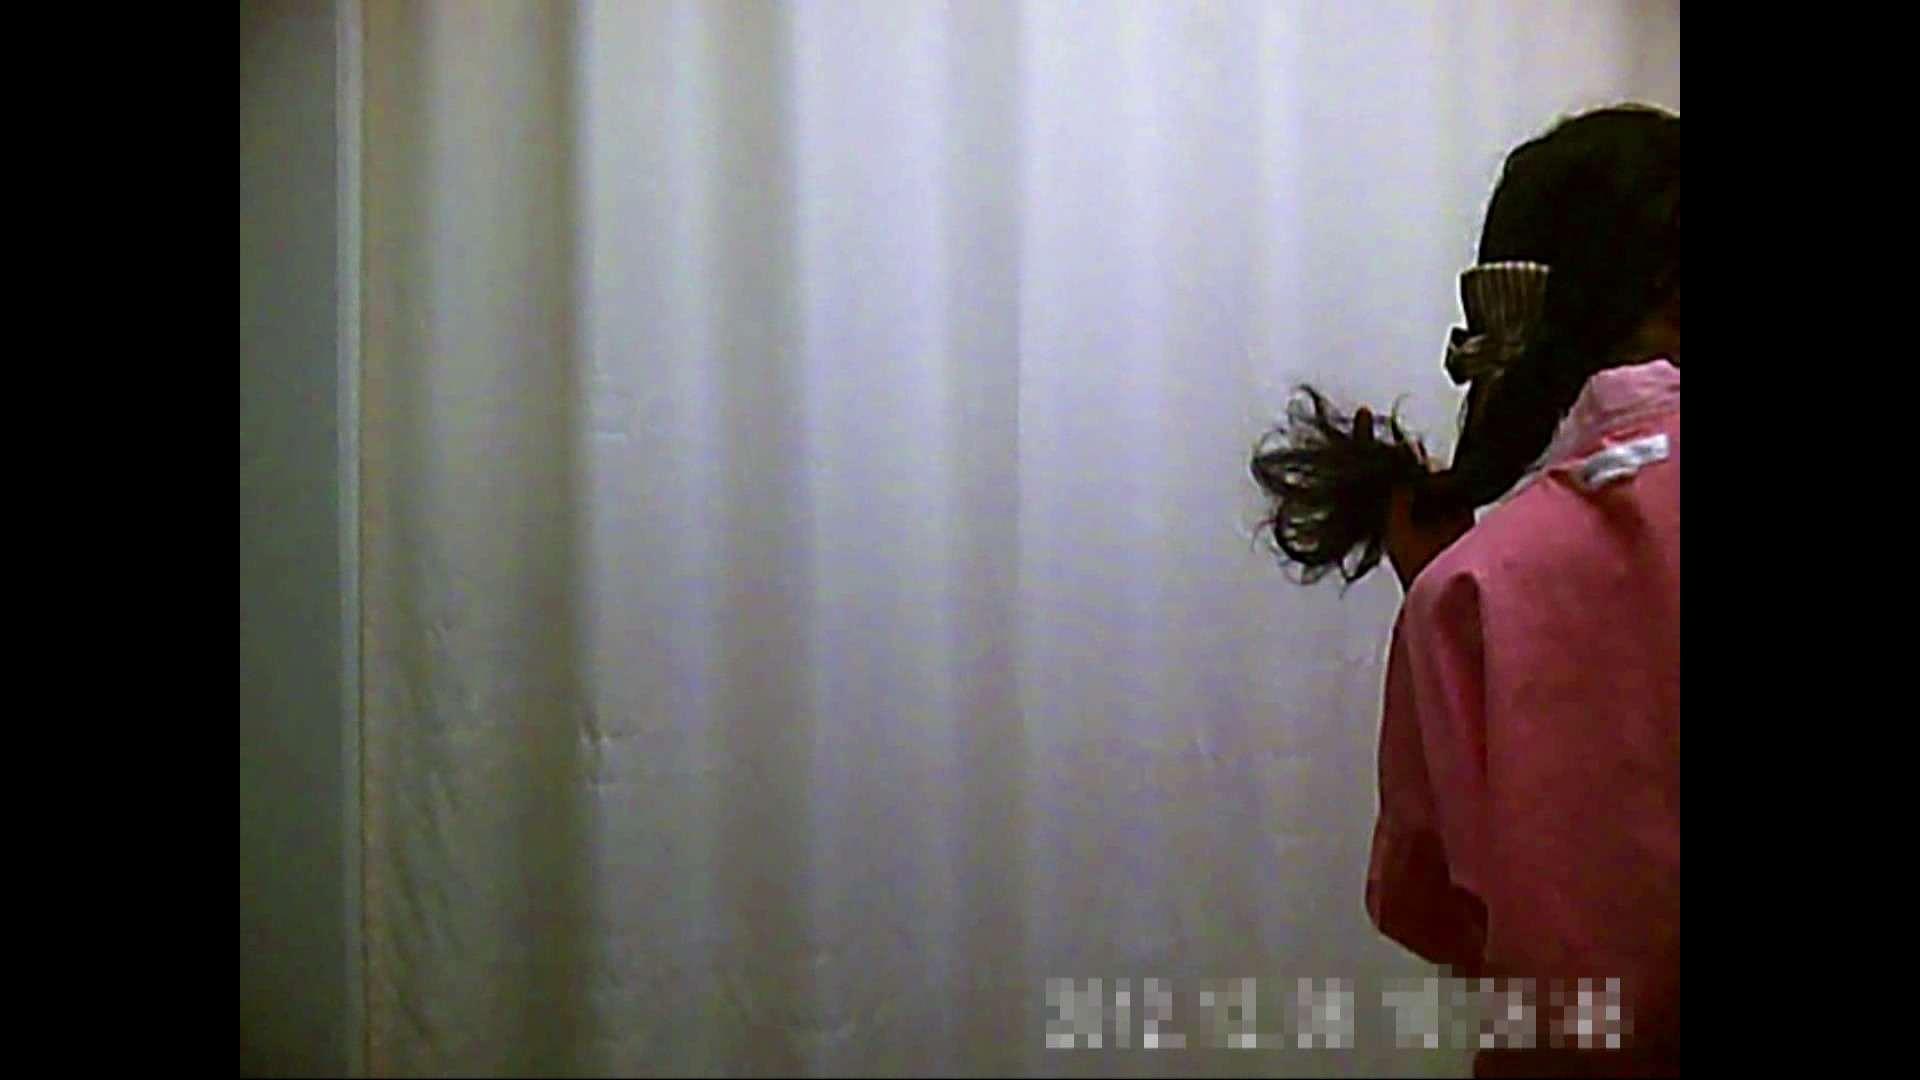 病院おもいっきり着替え! vol.171 巨乳 オマンコ動画キャプチャ 91pic 12